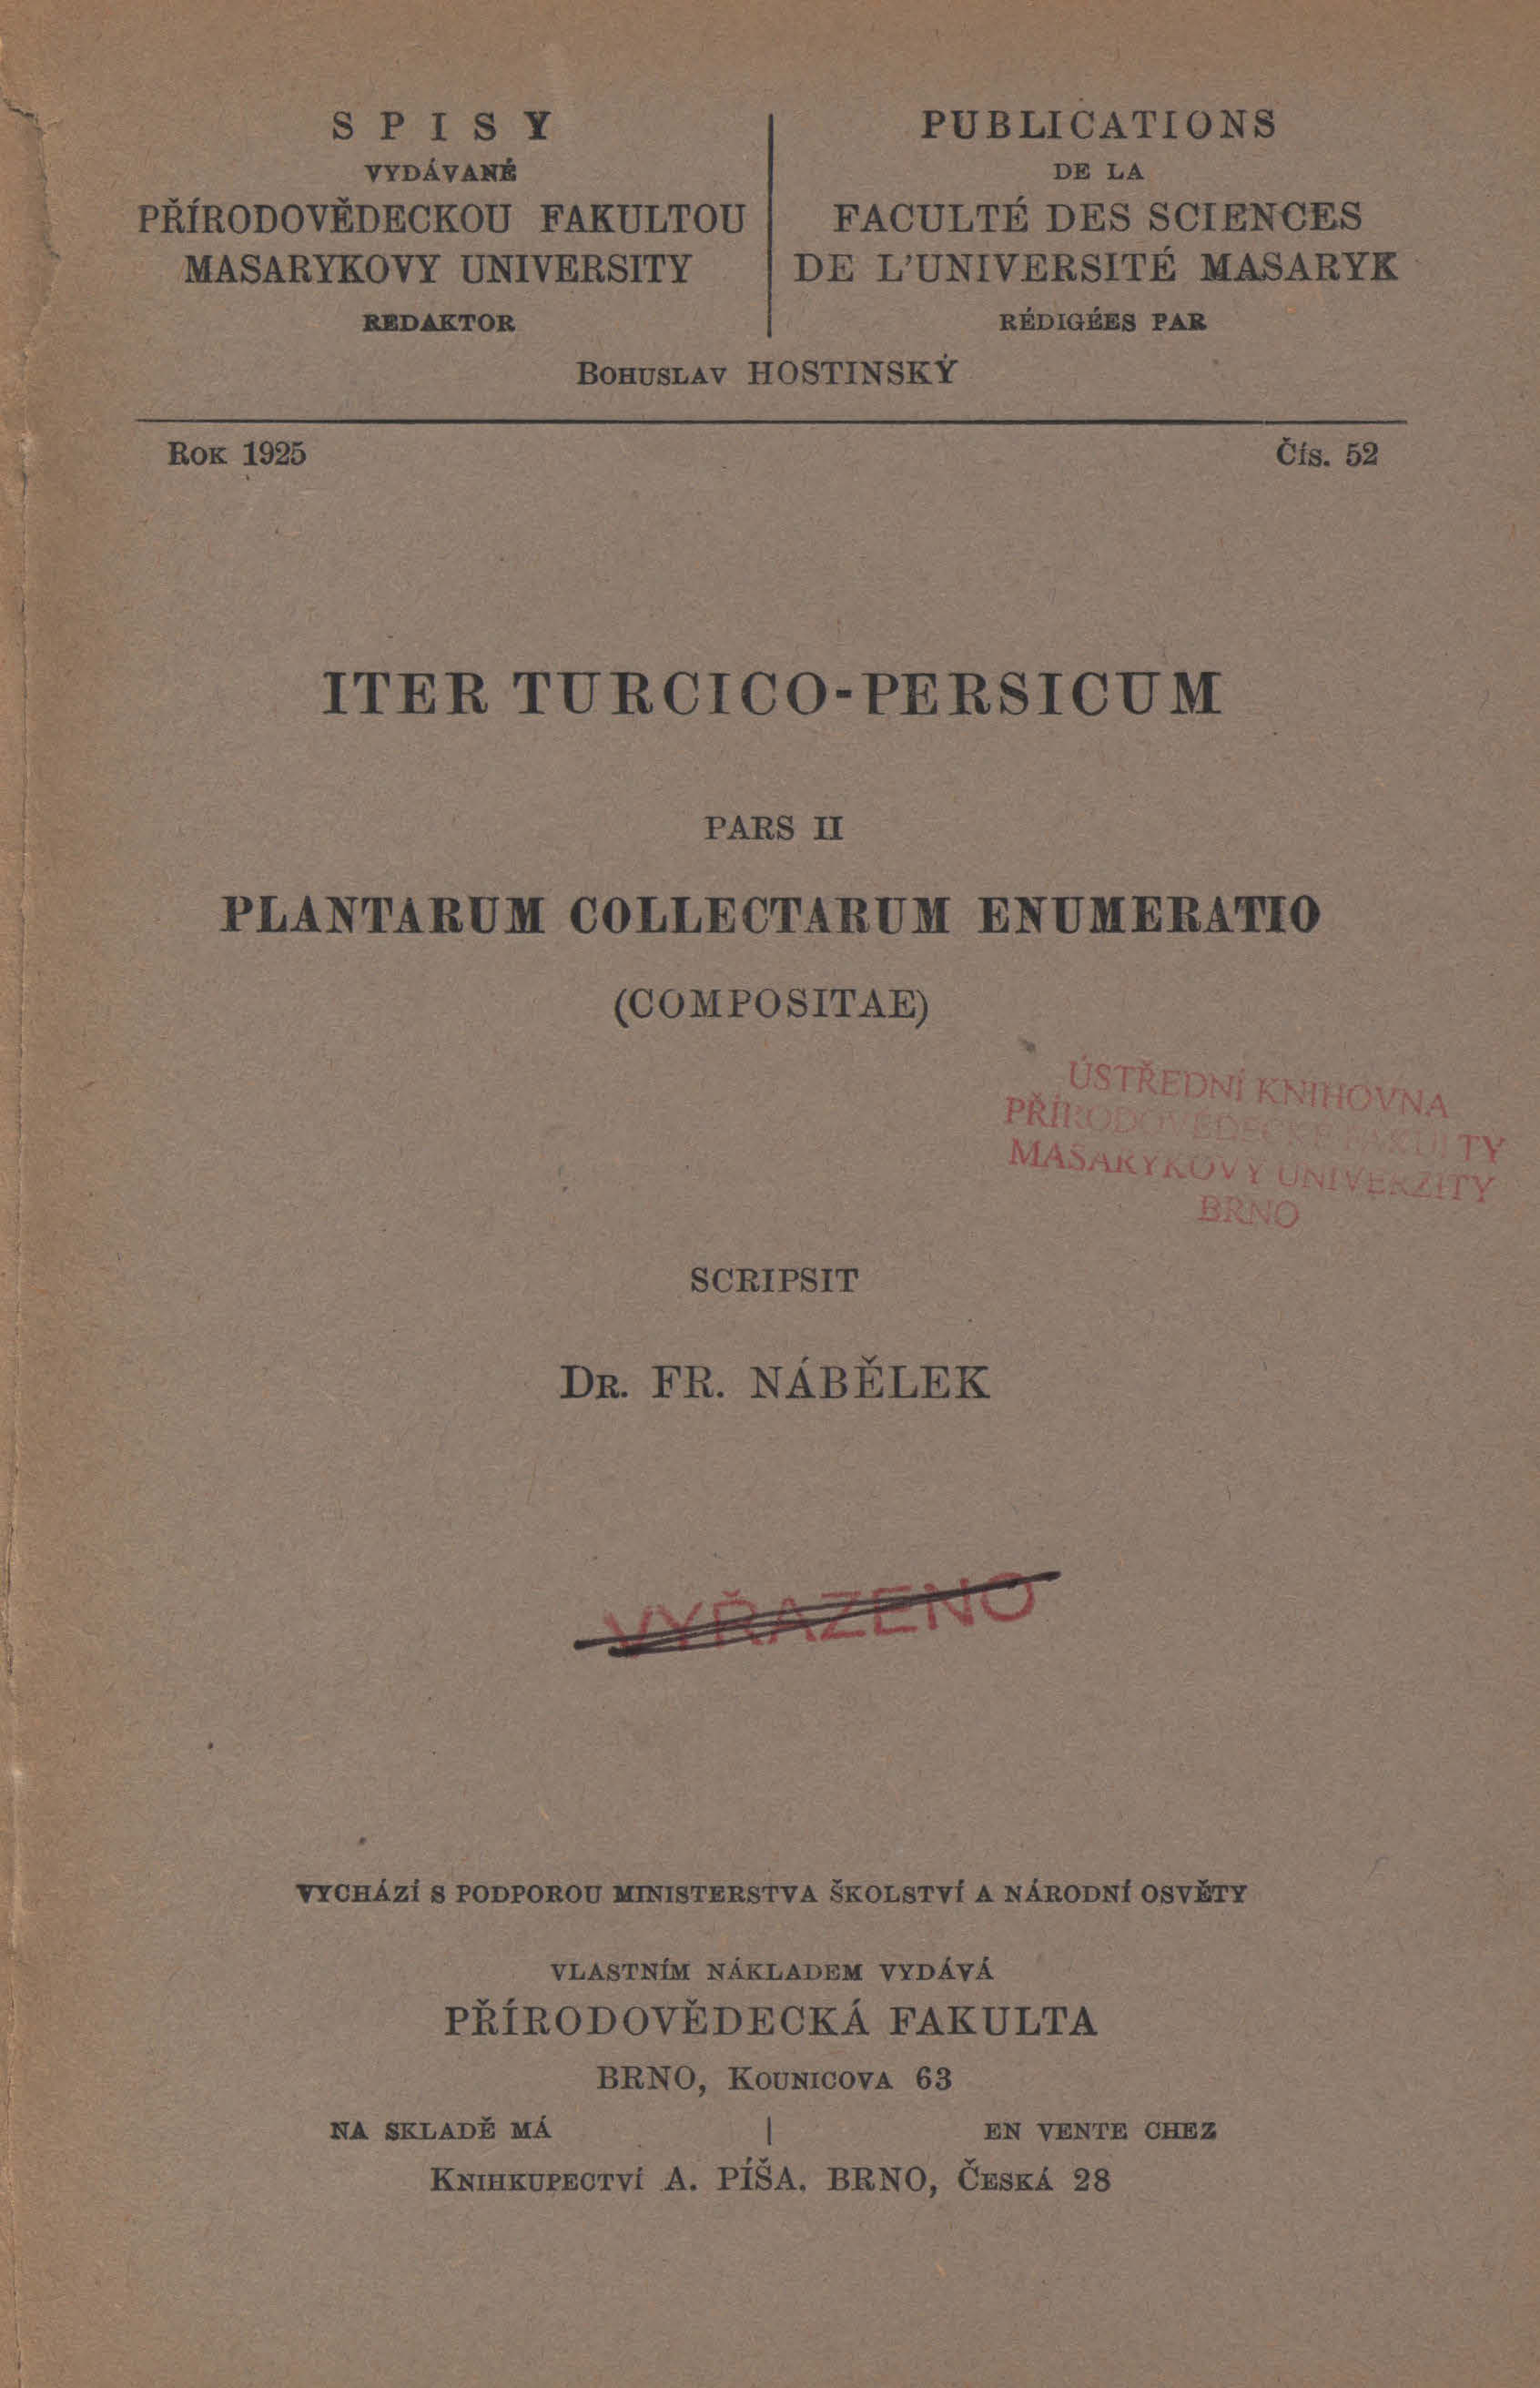 Obálka pro Iter Turcico-Persicum. Pars II, Plantarum collectarum enumeratio (Compositae)